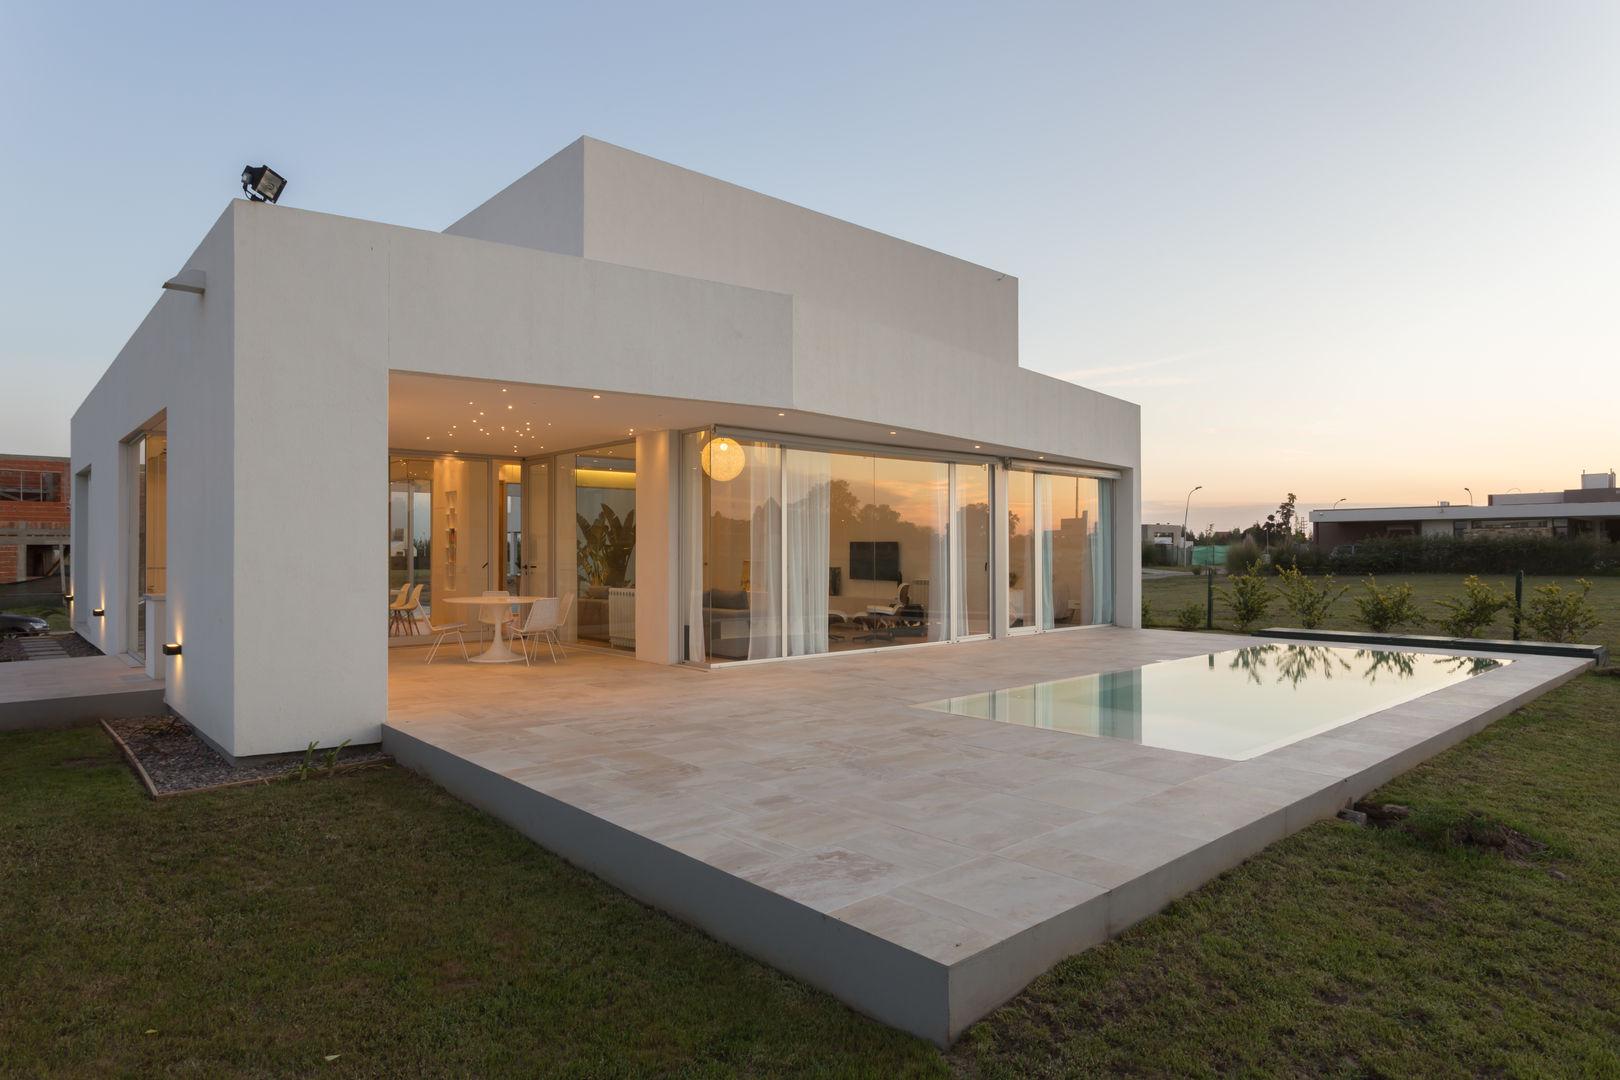 Fotos de casas de estilo minimalista perspectiva de for Casas pequenas estilo minimalista